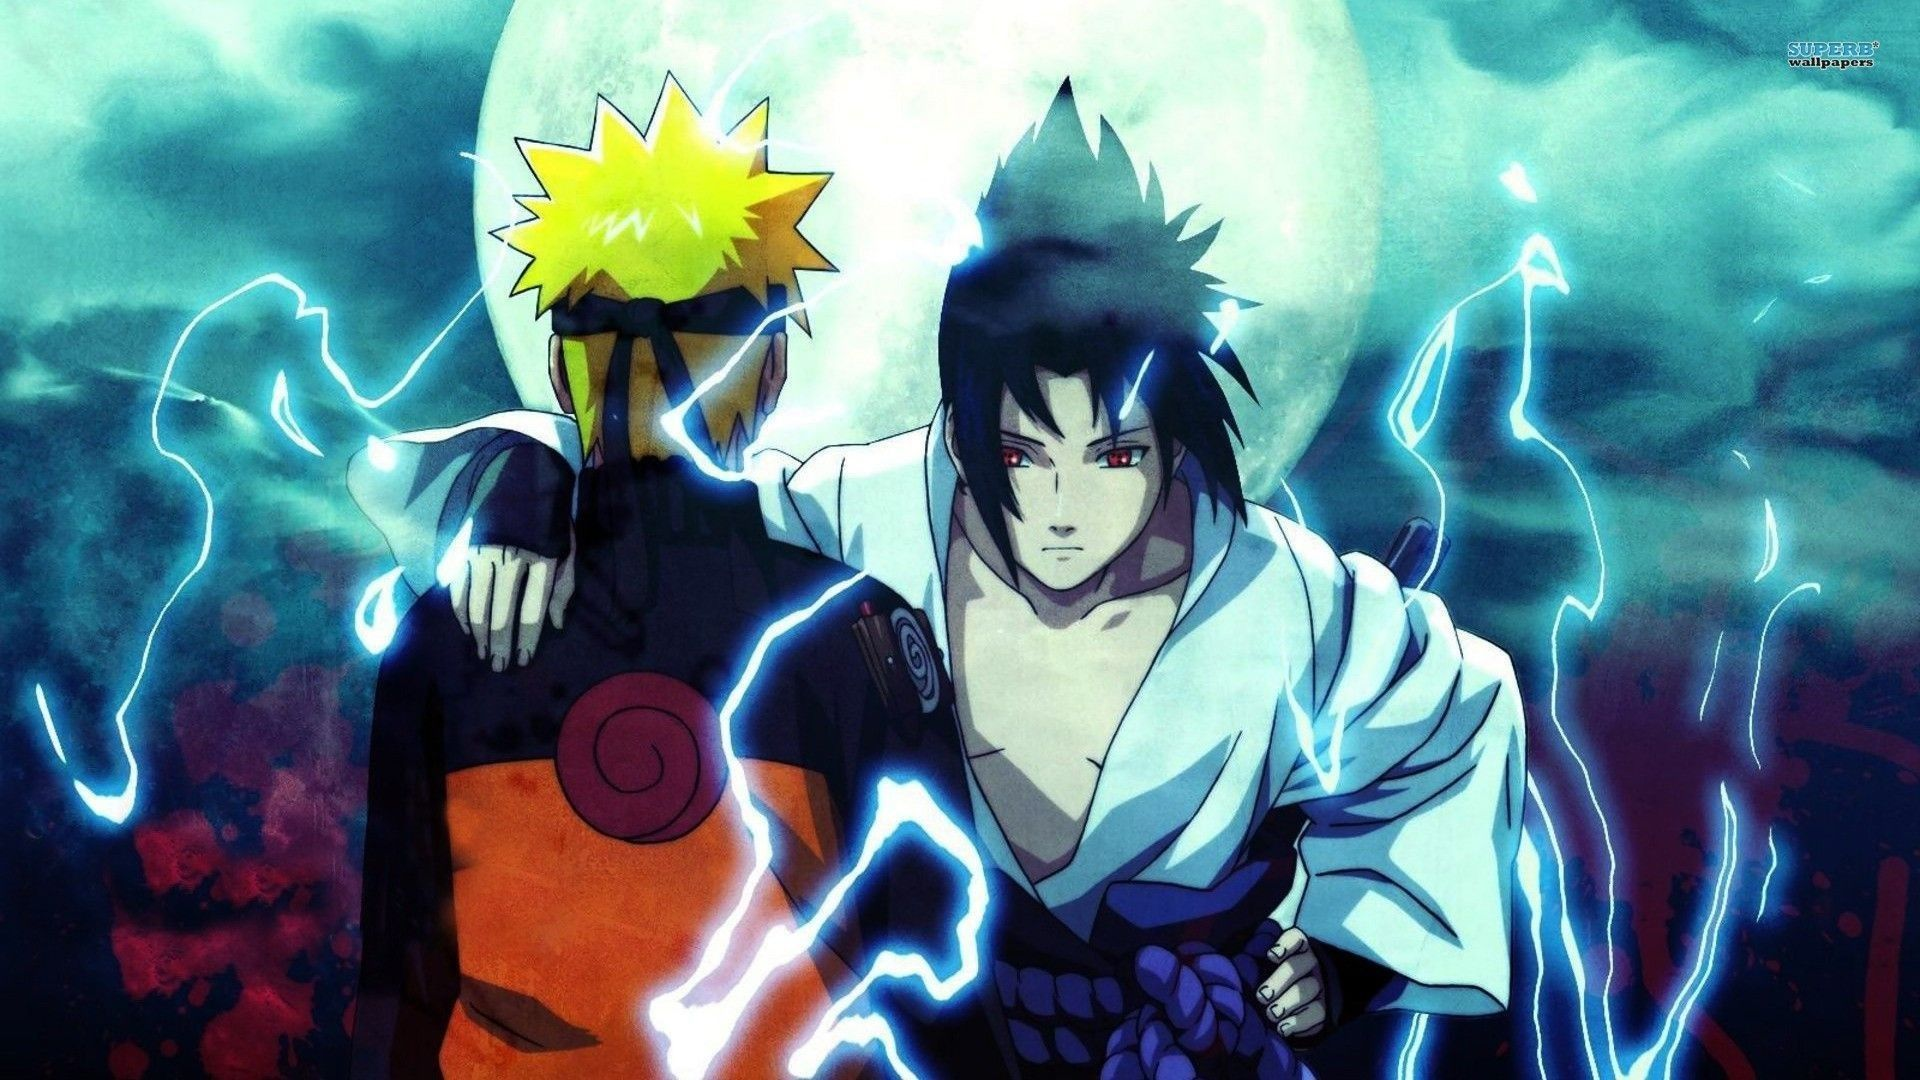 Naruto And Sasuke Wallpaper Hd Resolution Cool Anime Wallpapers Anime Best Naruto Wallpapers High resolution naruto pc wallpaper hd